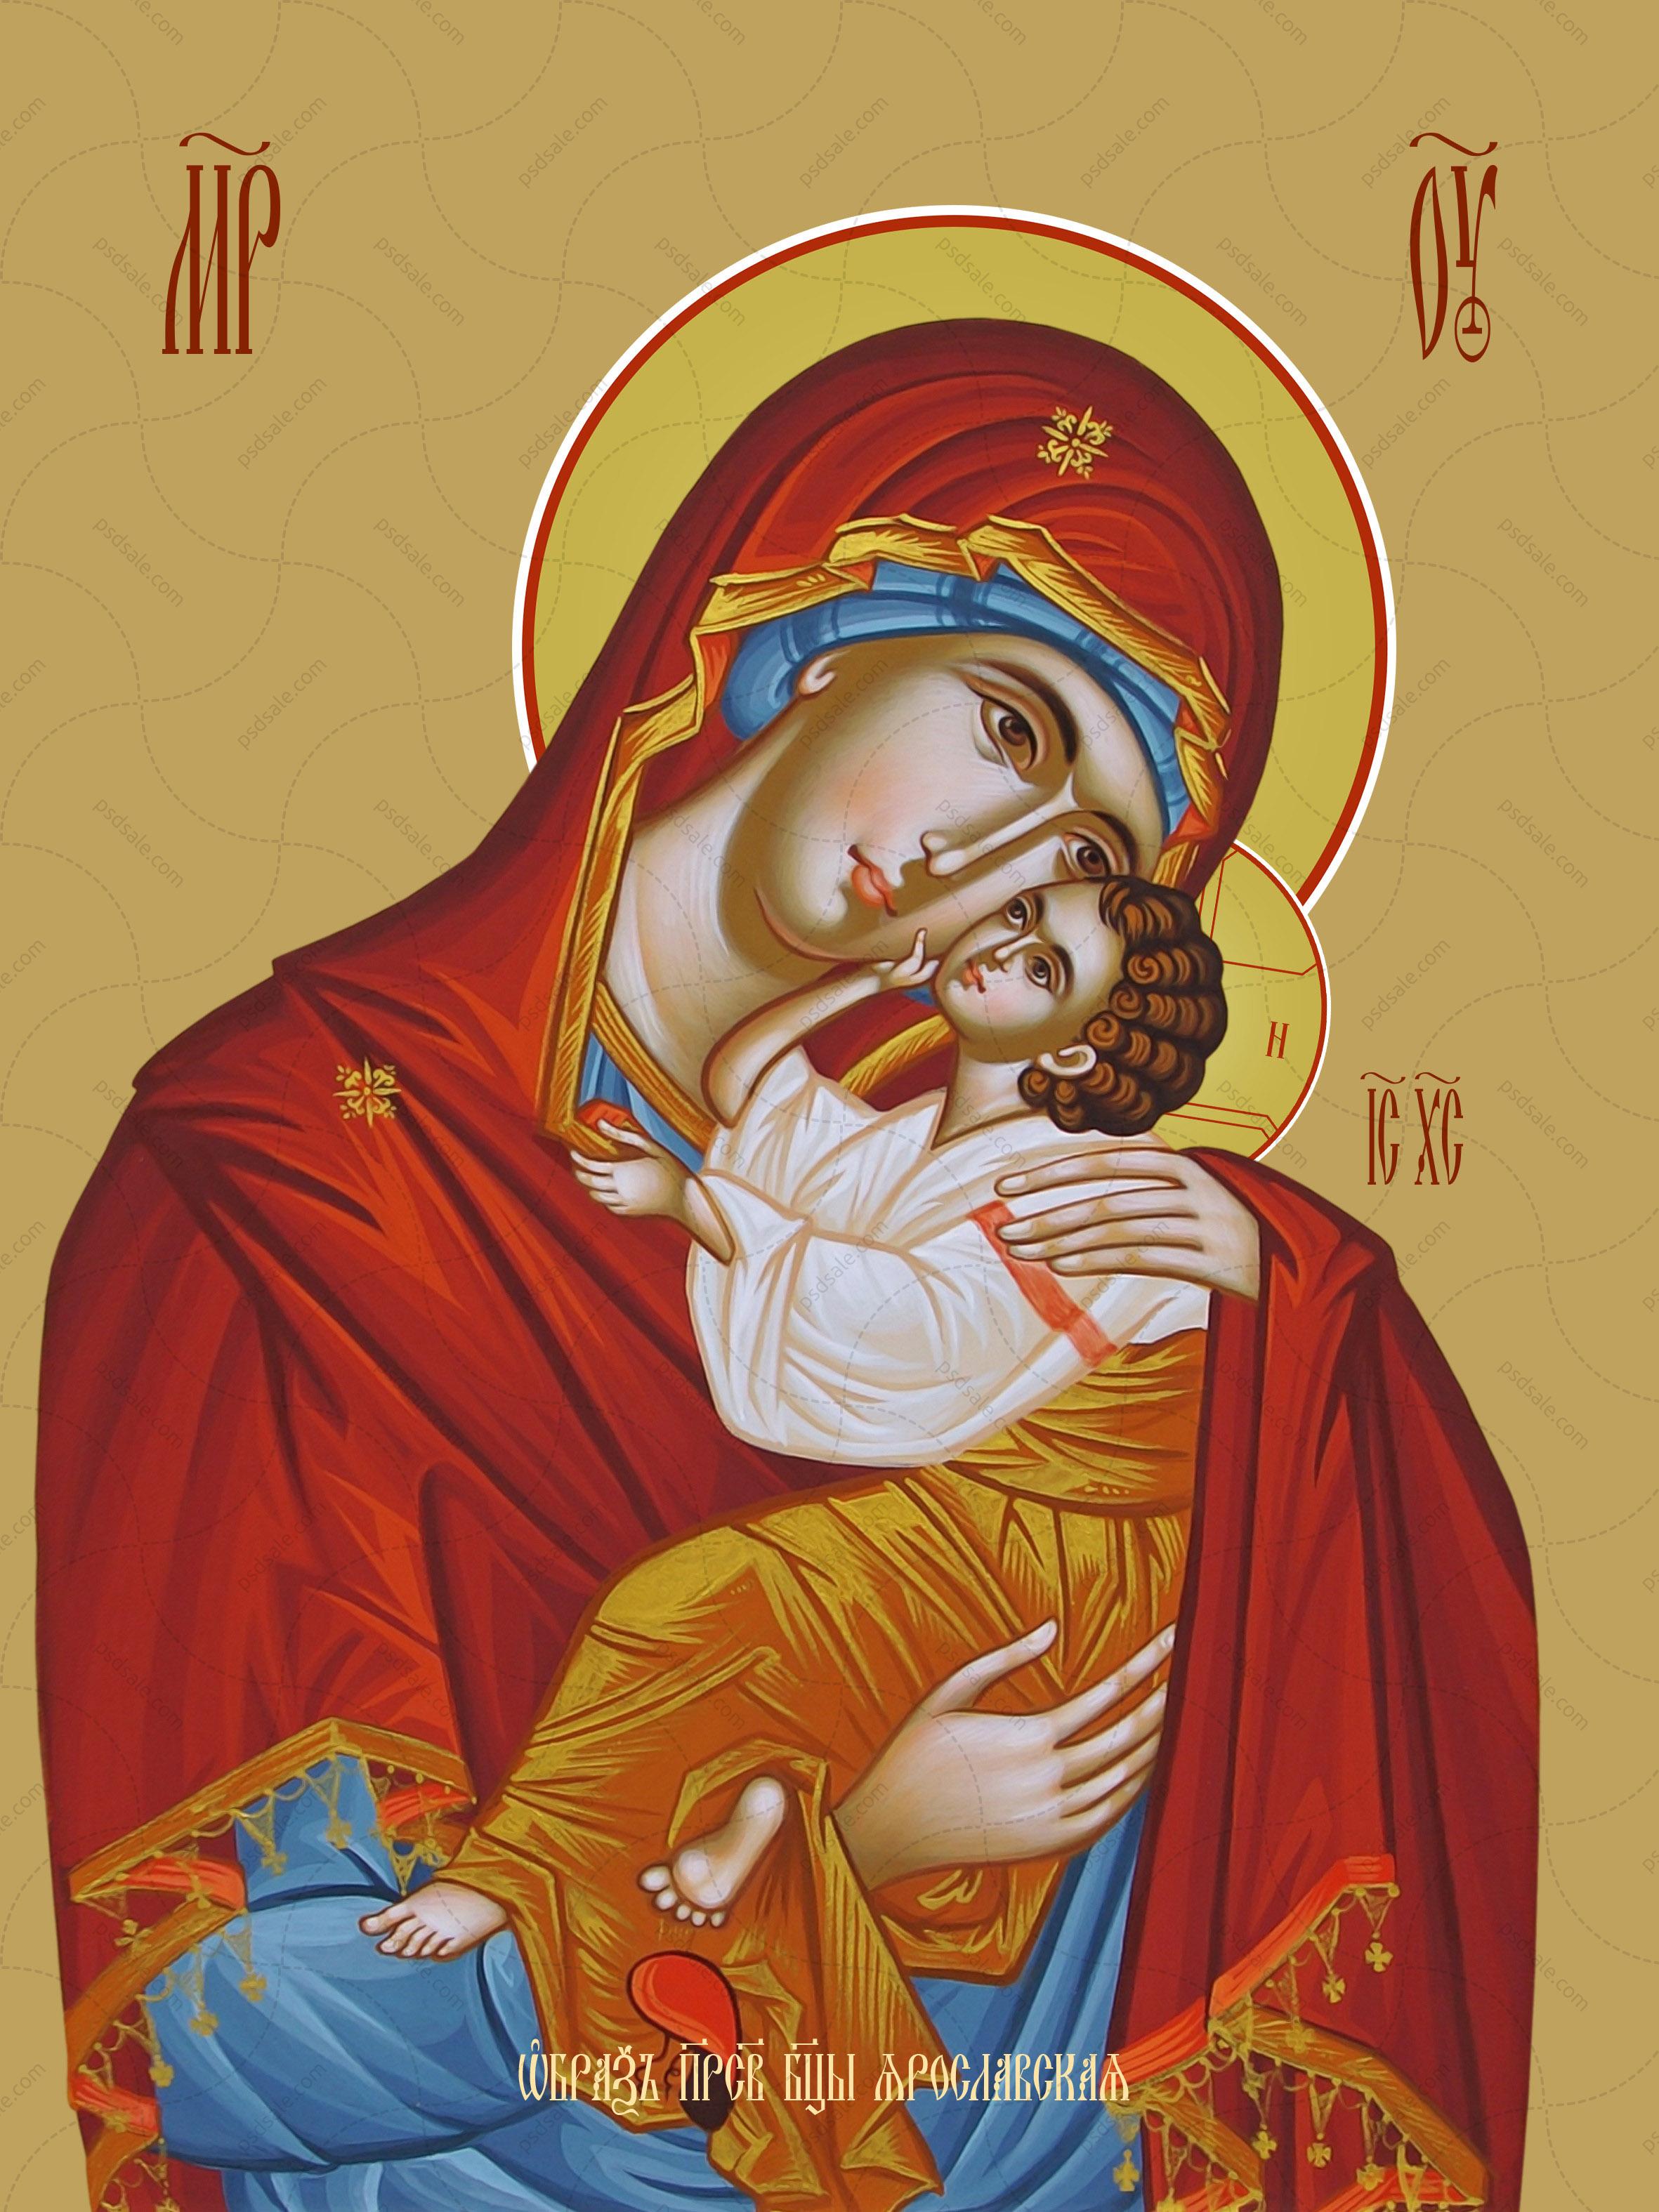 Ярославльская икона божьей матери